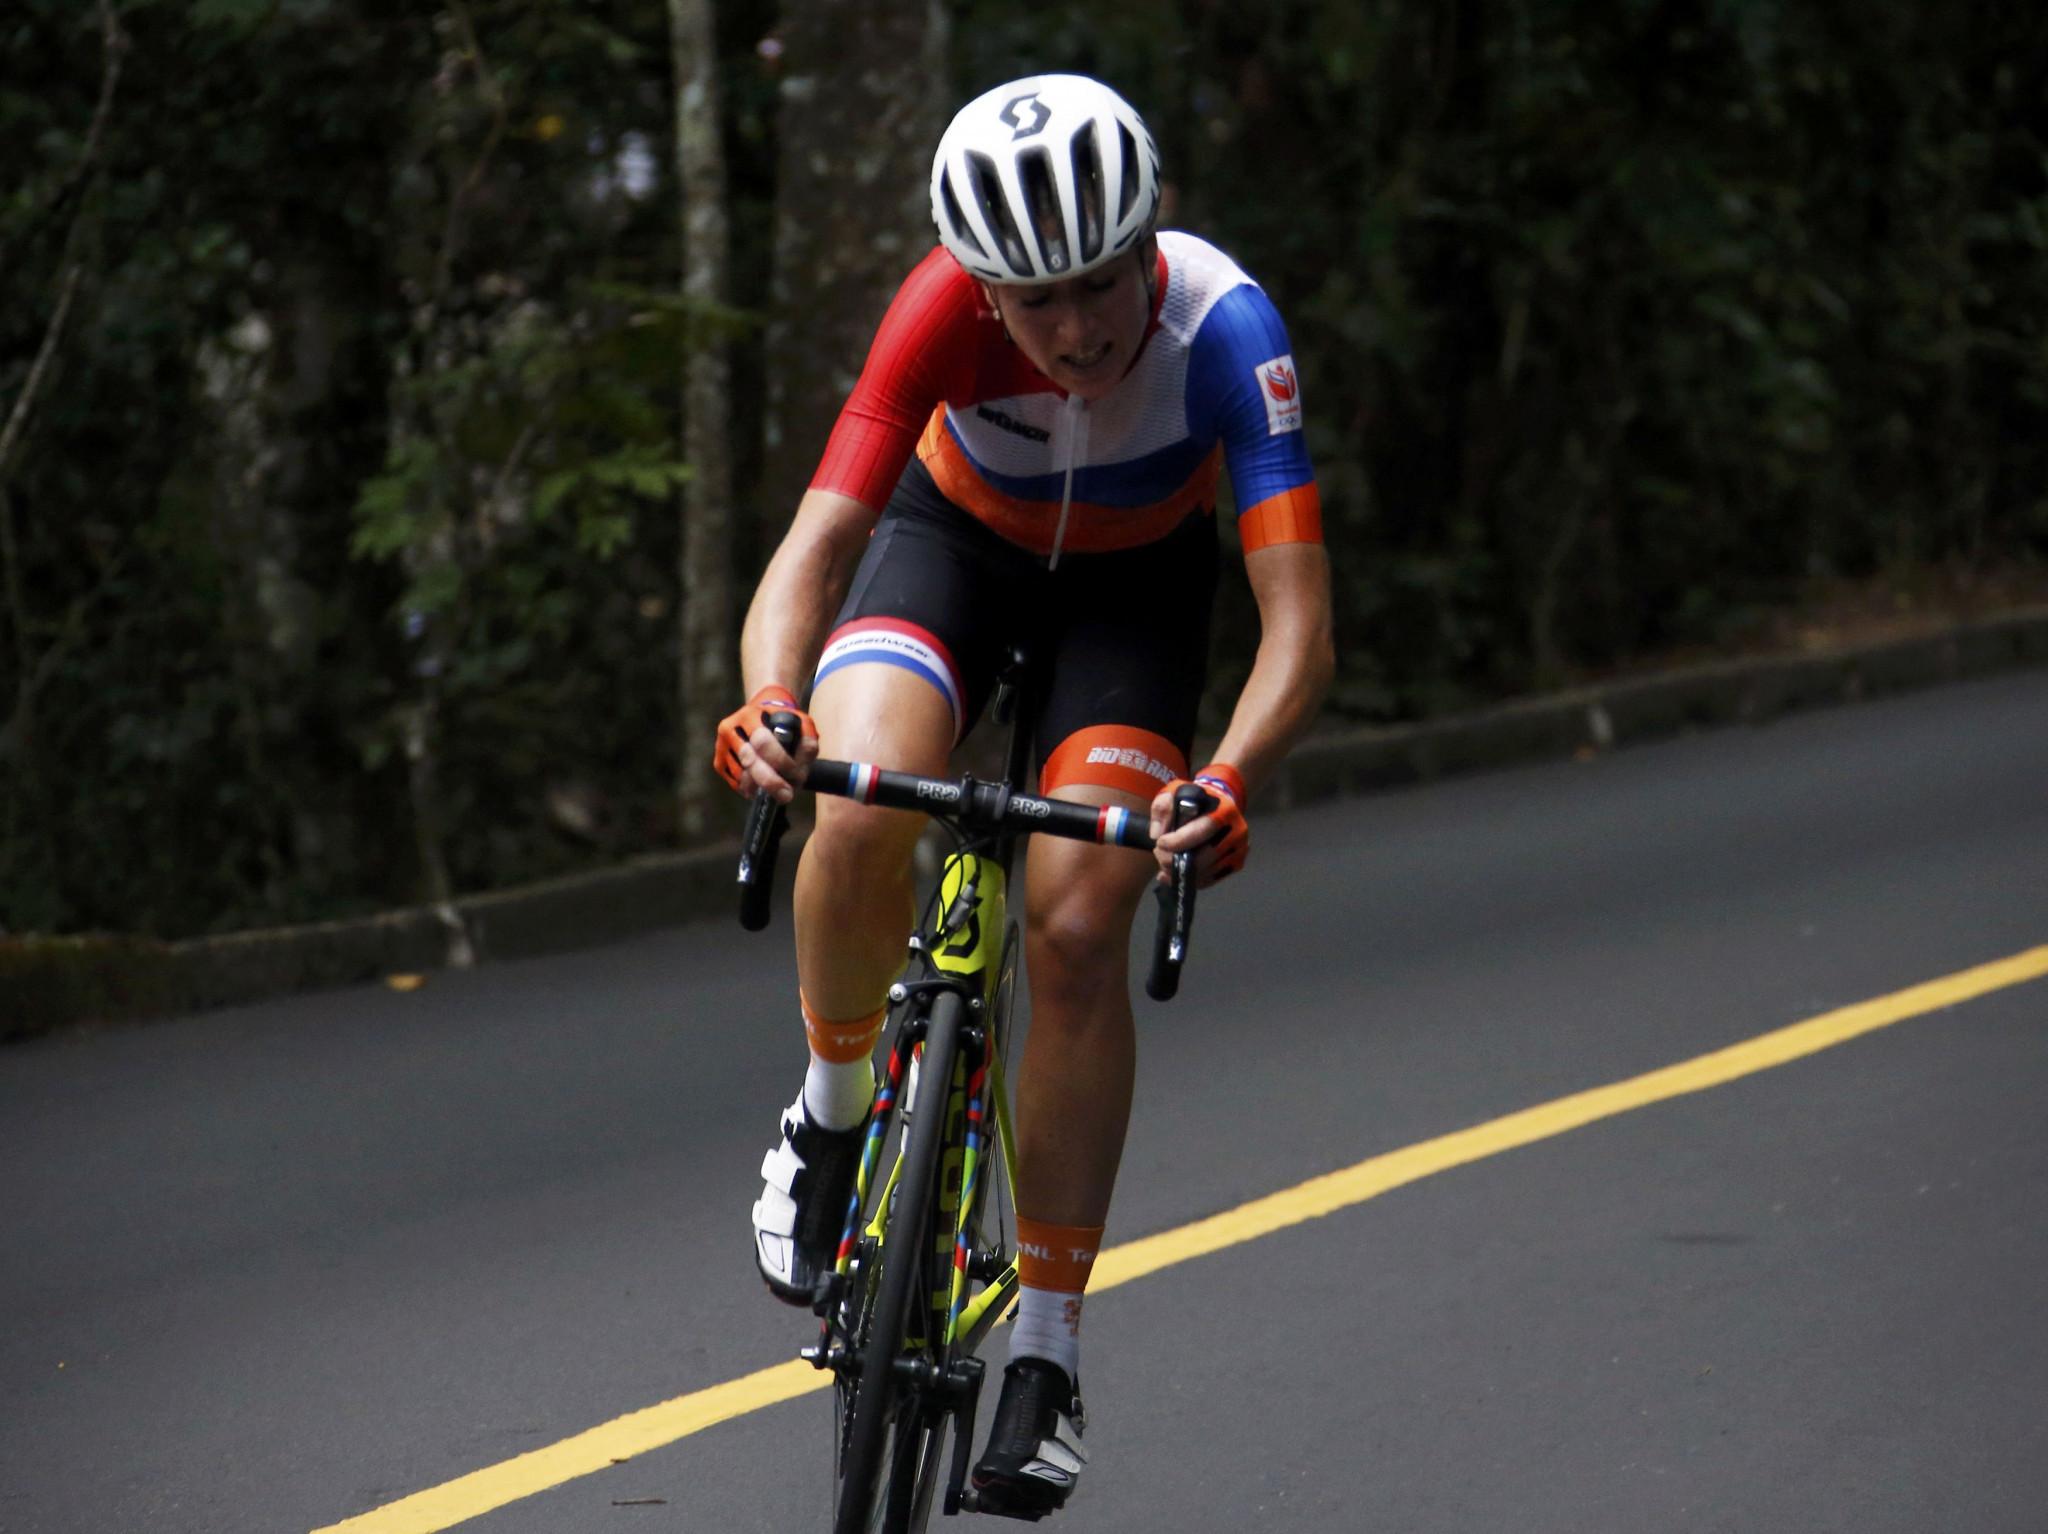 Giro Rosa leader Van Vleuten out of the race with broken wrist